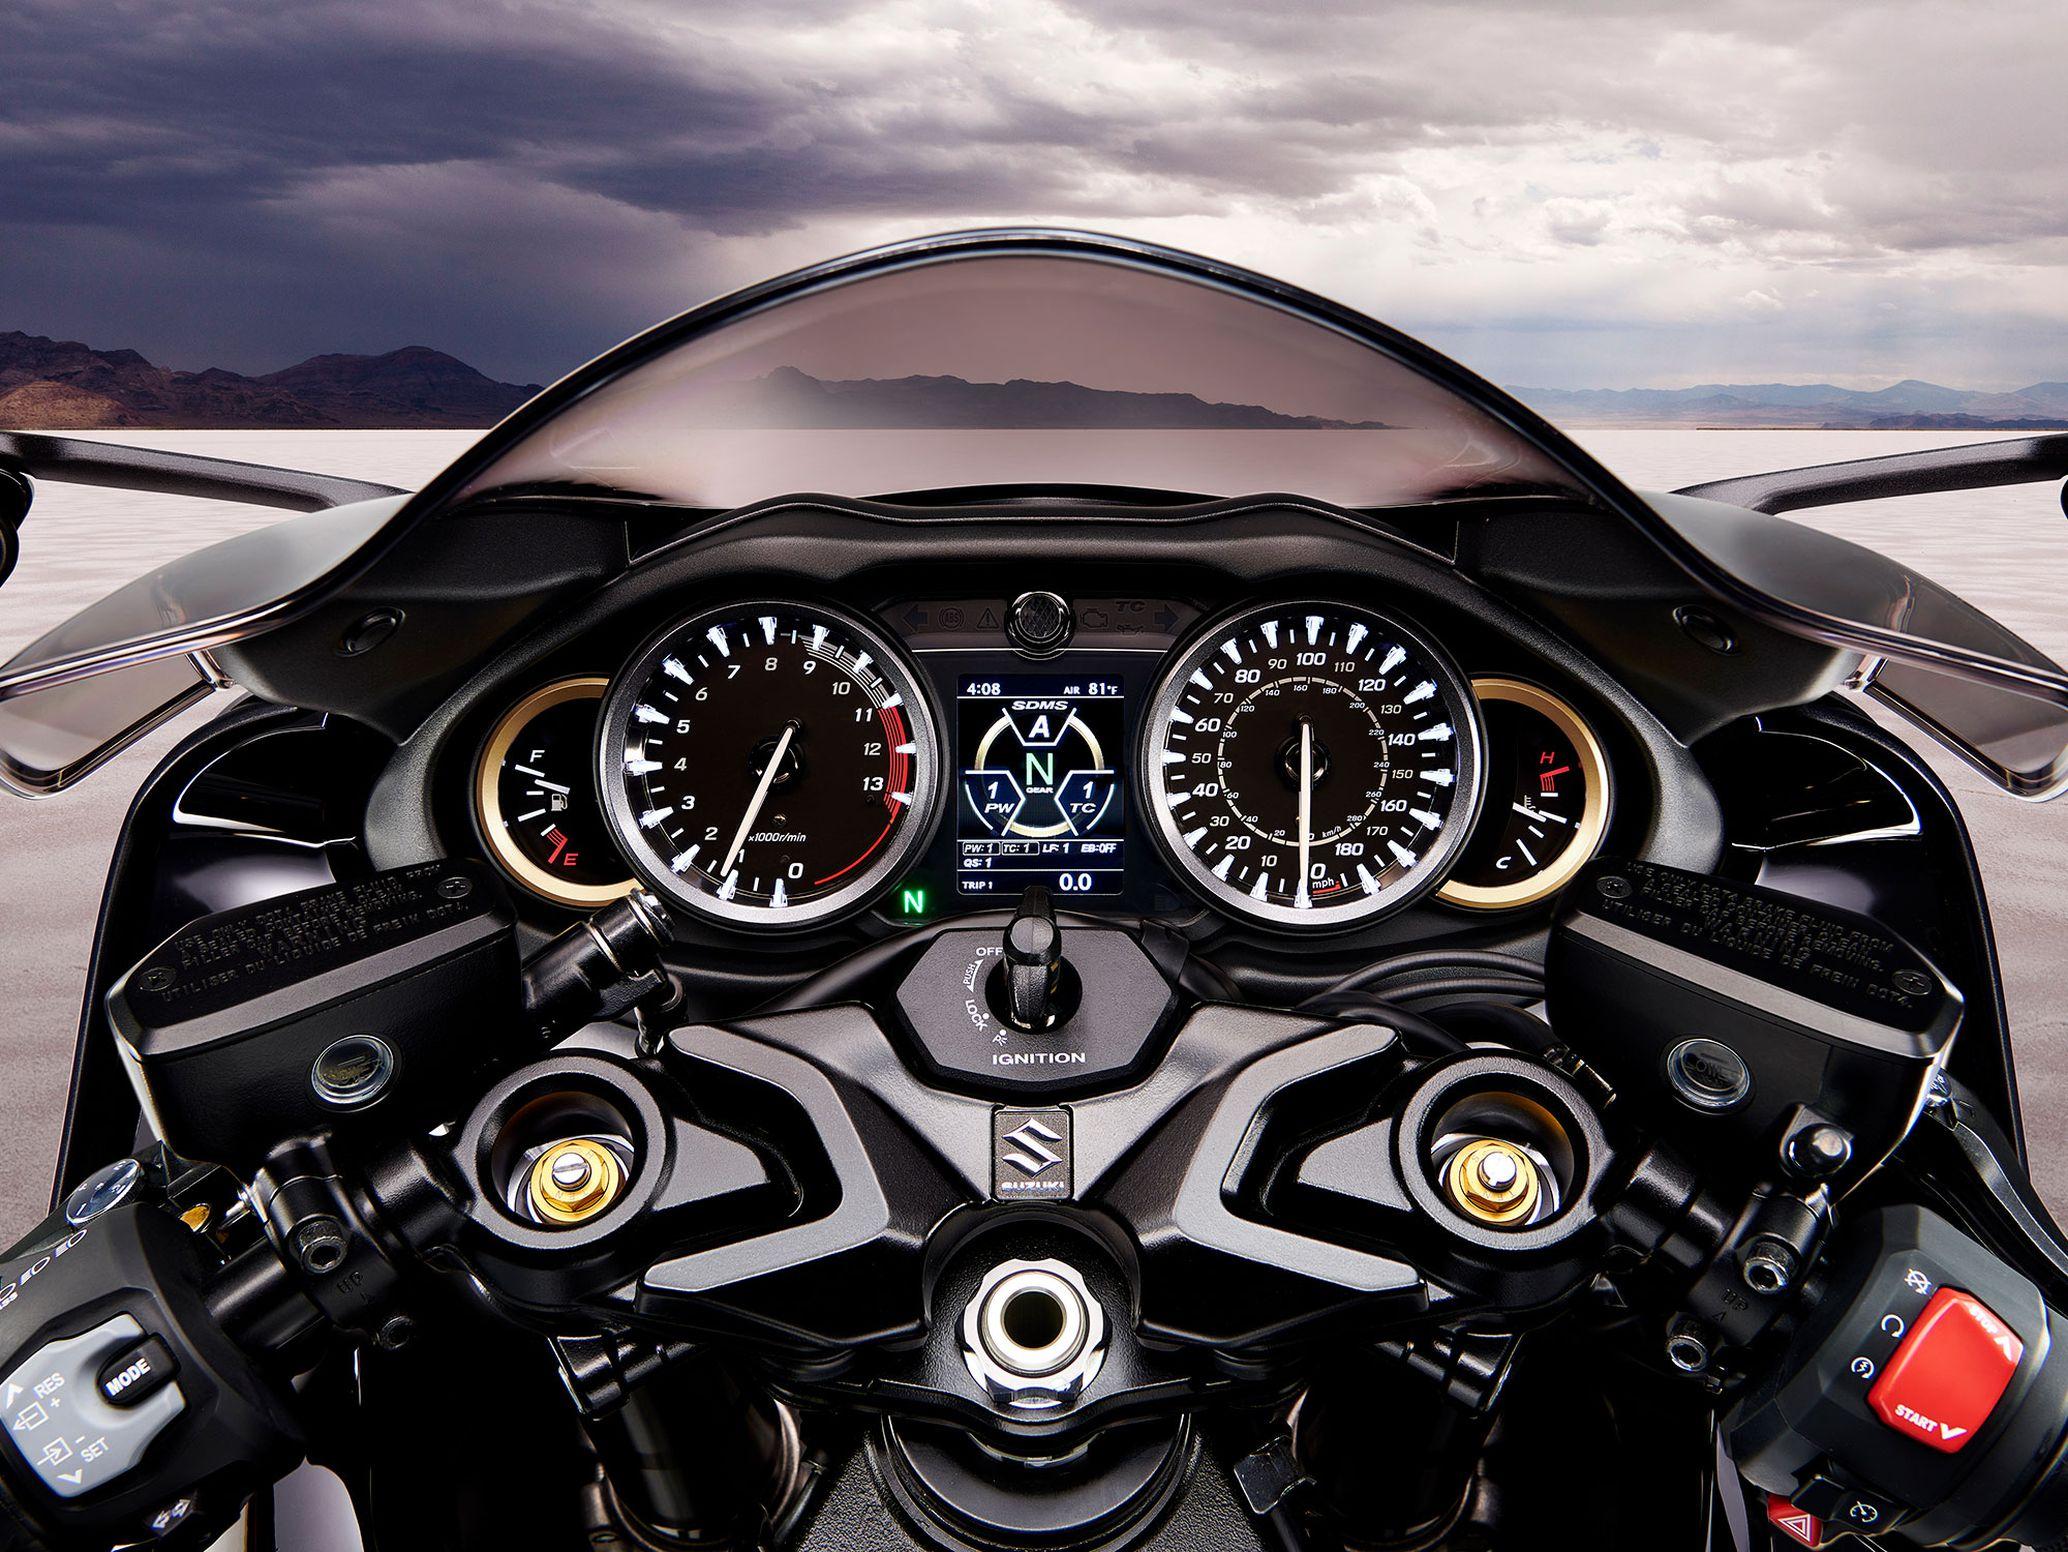 Đồng hồ tốc độ trên Hayabusa thế hệ mới.